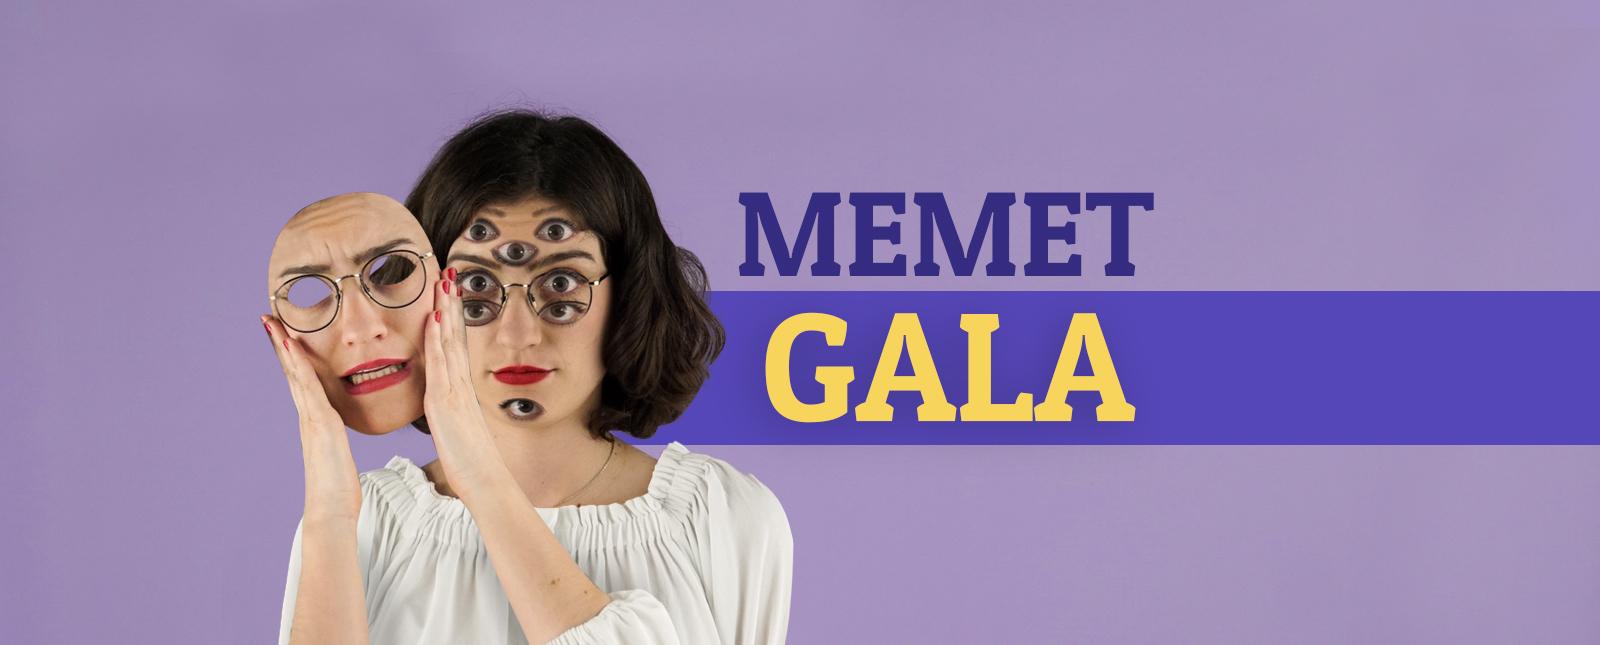 Los mejores MEMES de la Met Gala (Ep. 79) | WEEKLY UPDATE